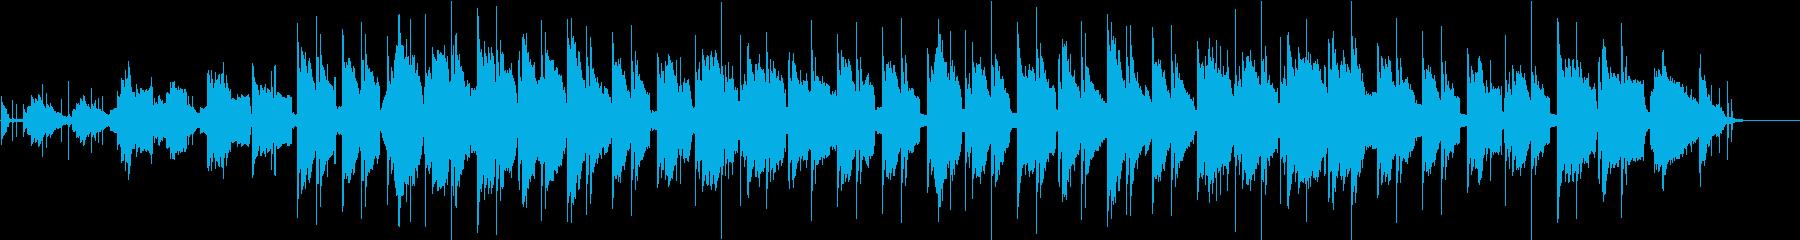 木管楽器が主役の安らぎの音楽の再生済みの波形